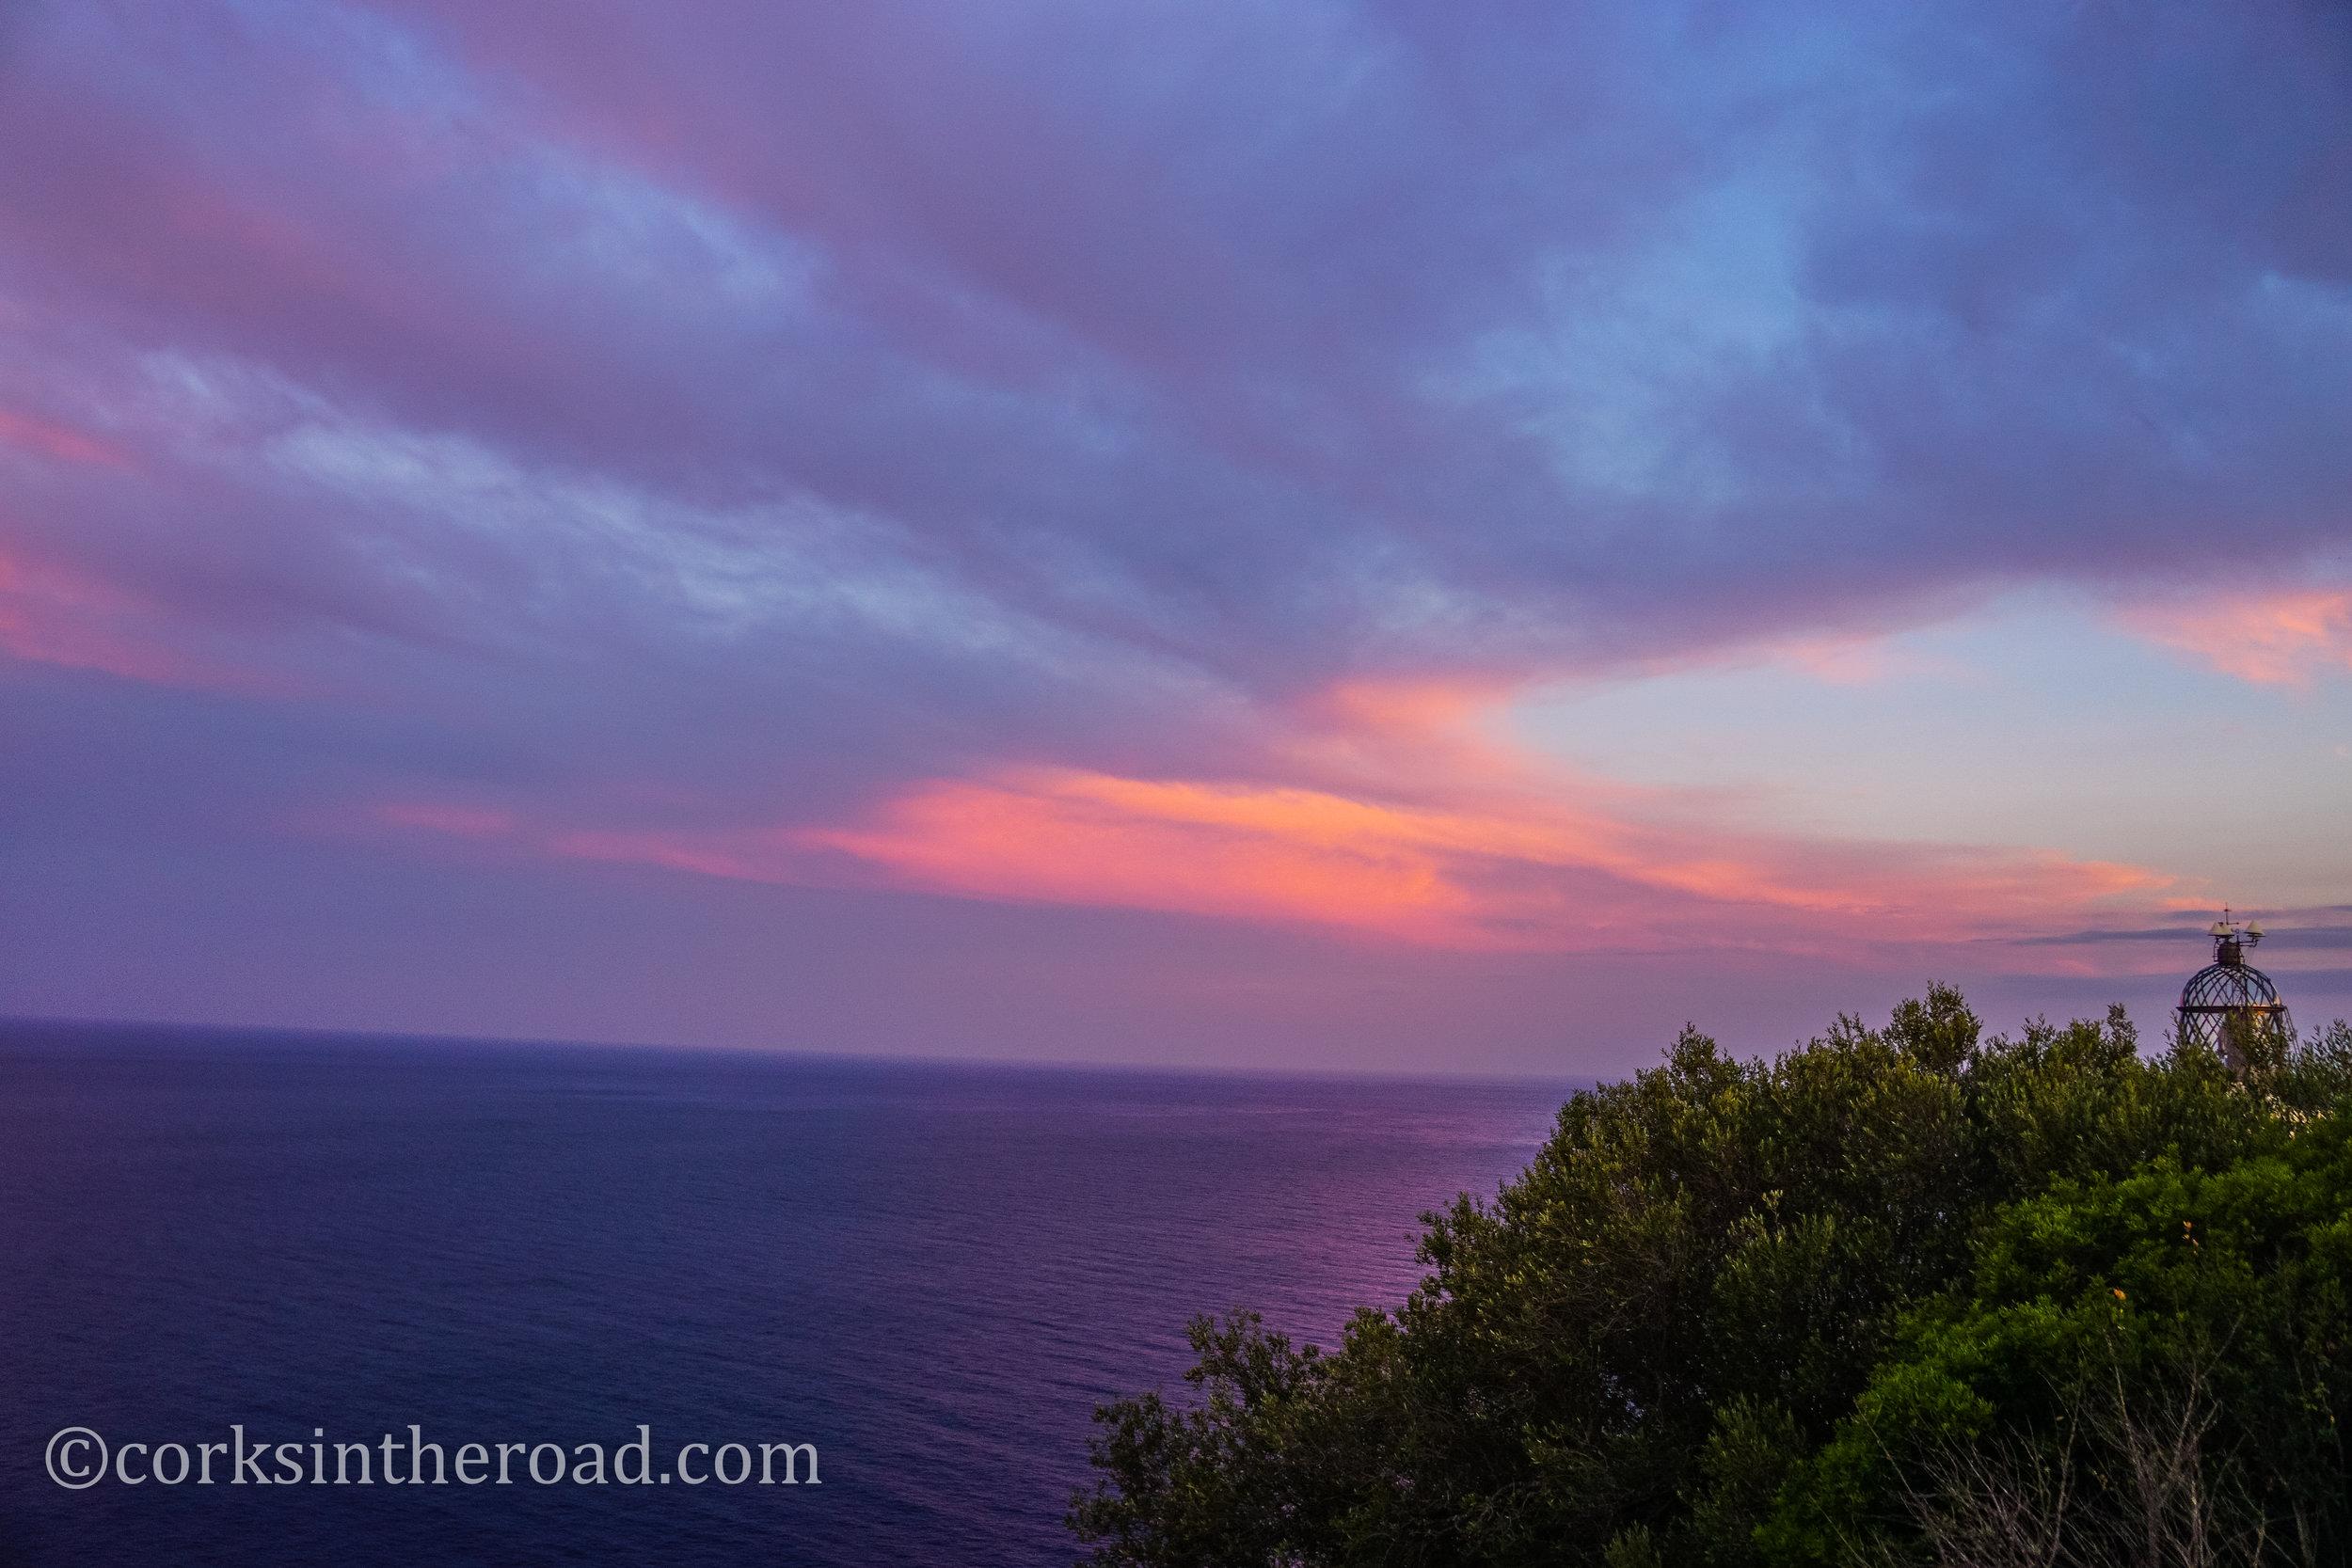 20160810Barcelona, Corksintheroad, Costa Brava, Costa Brava Landscape, Restaurant El Far, Sunsets-2.jpg